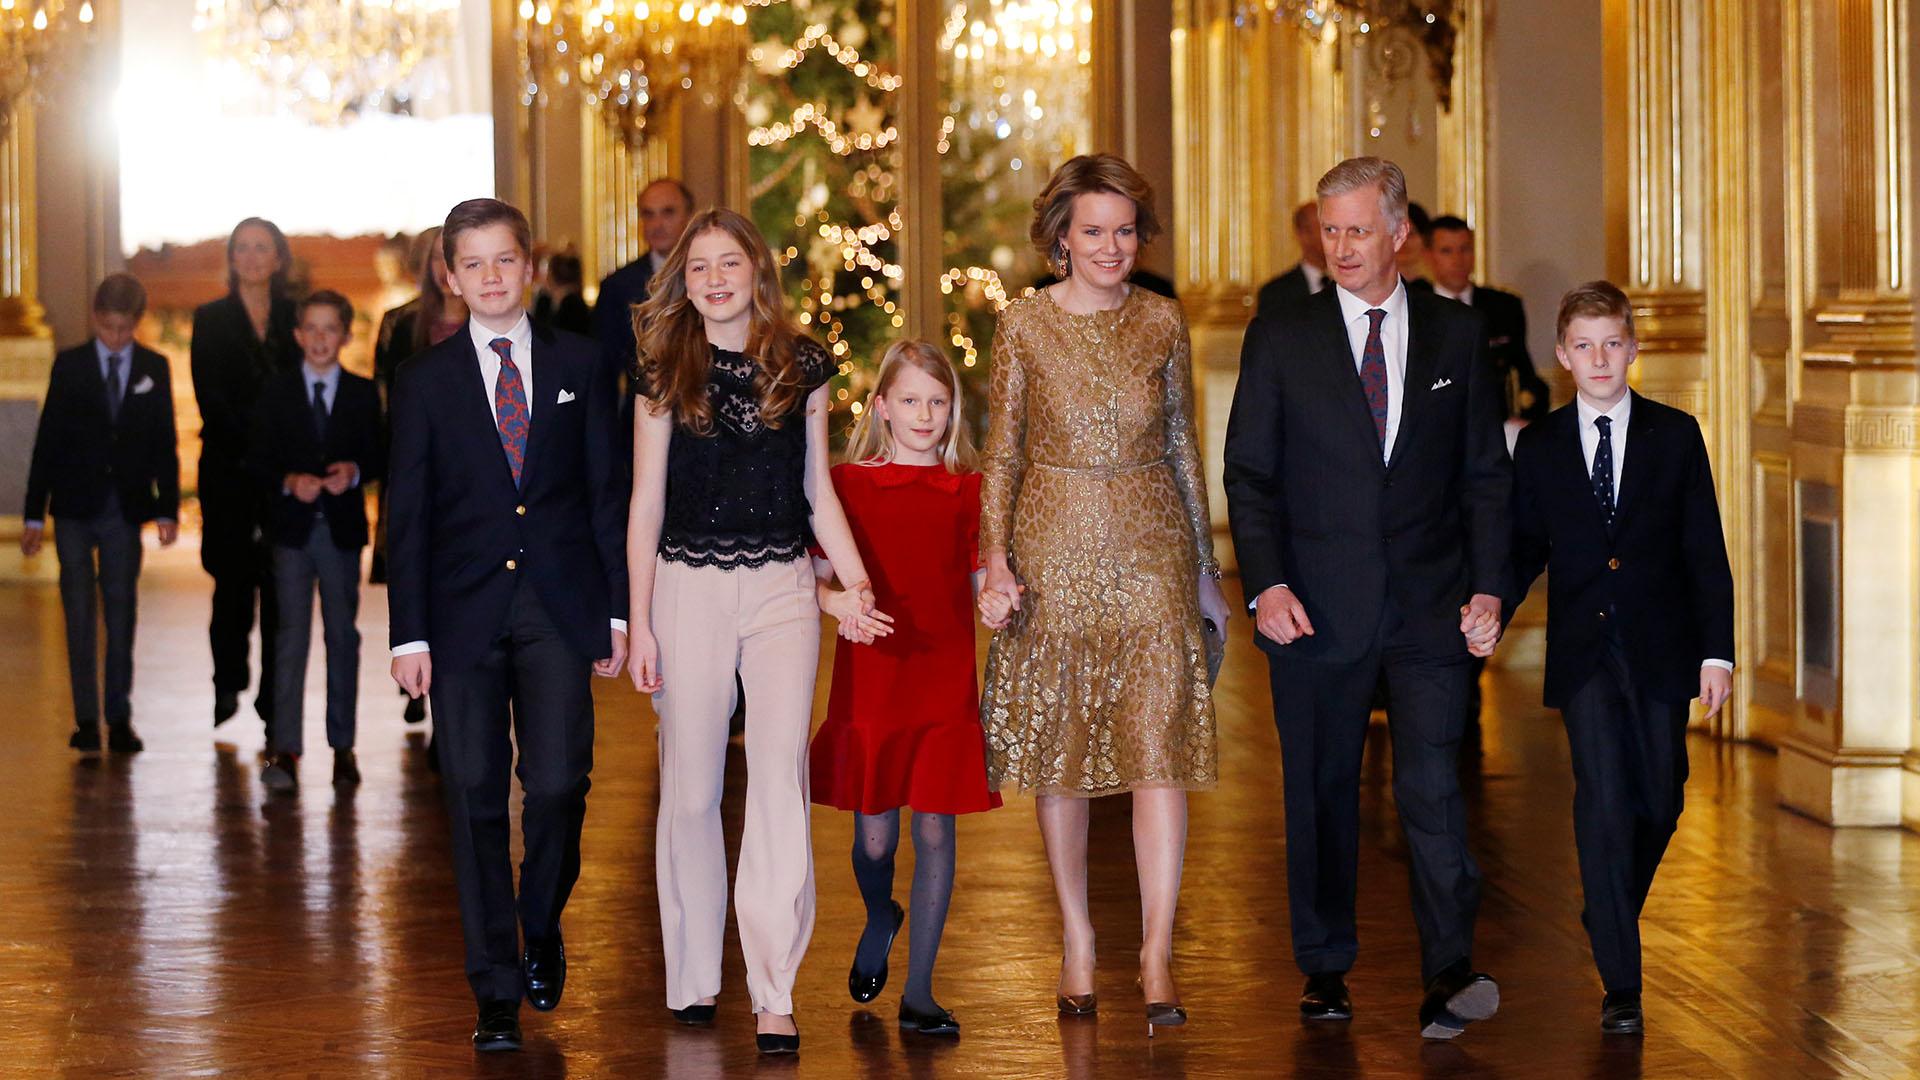 El rey Philippe junto a su mujer Mathilde y sus cuatro hijos: los príncipes Gabriel, Elisabeth, Eleonore y Emmanuel